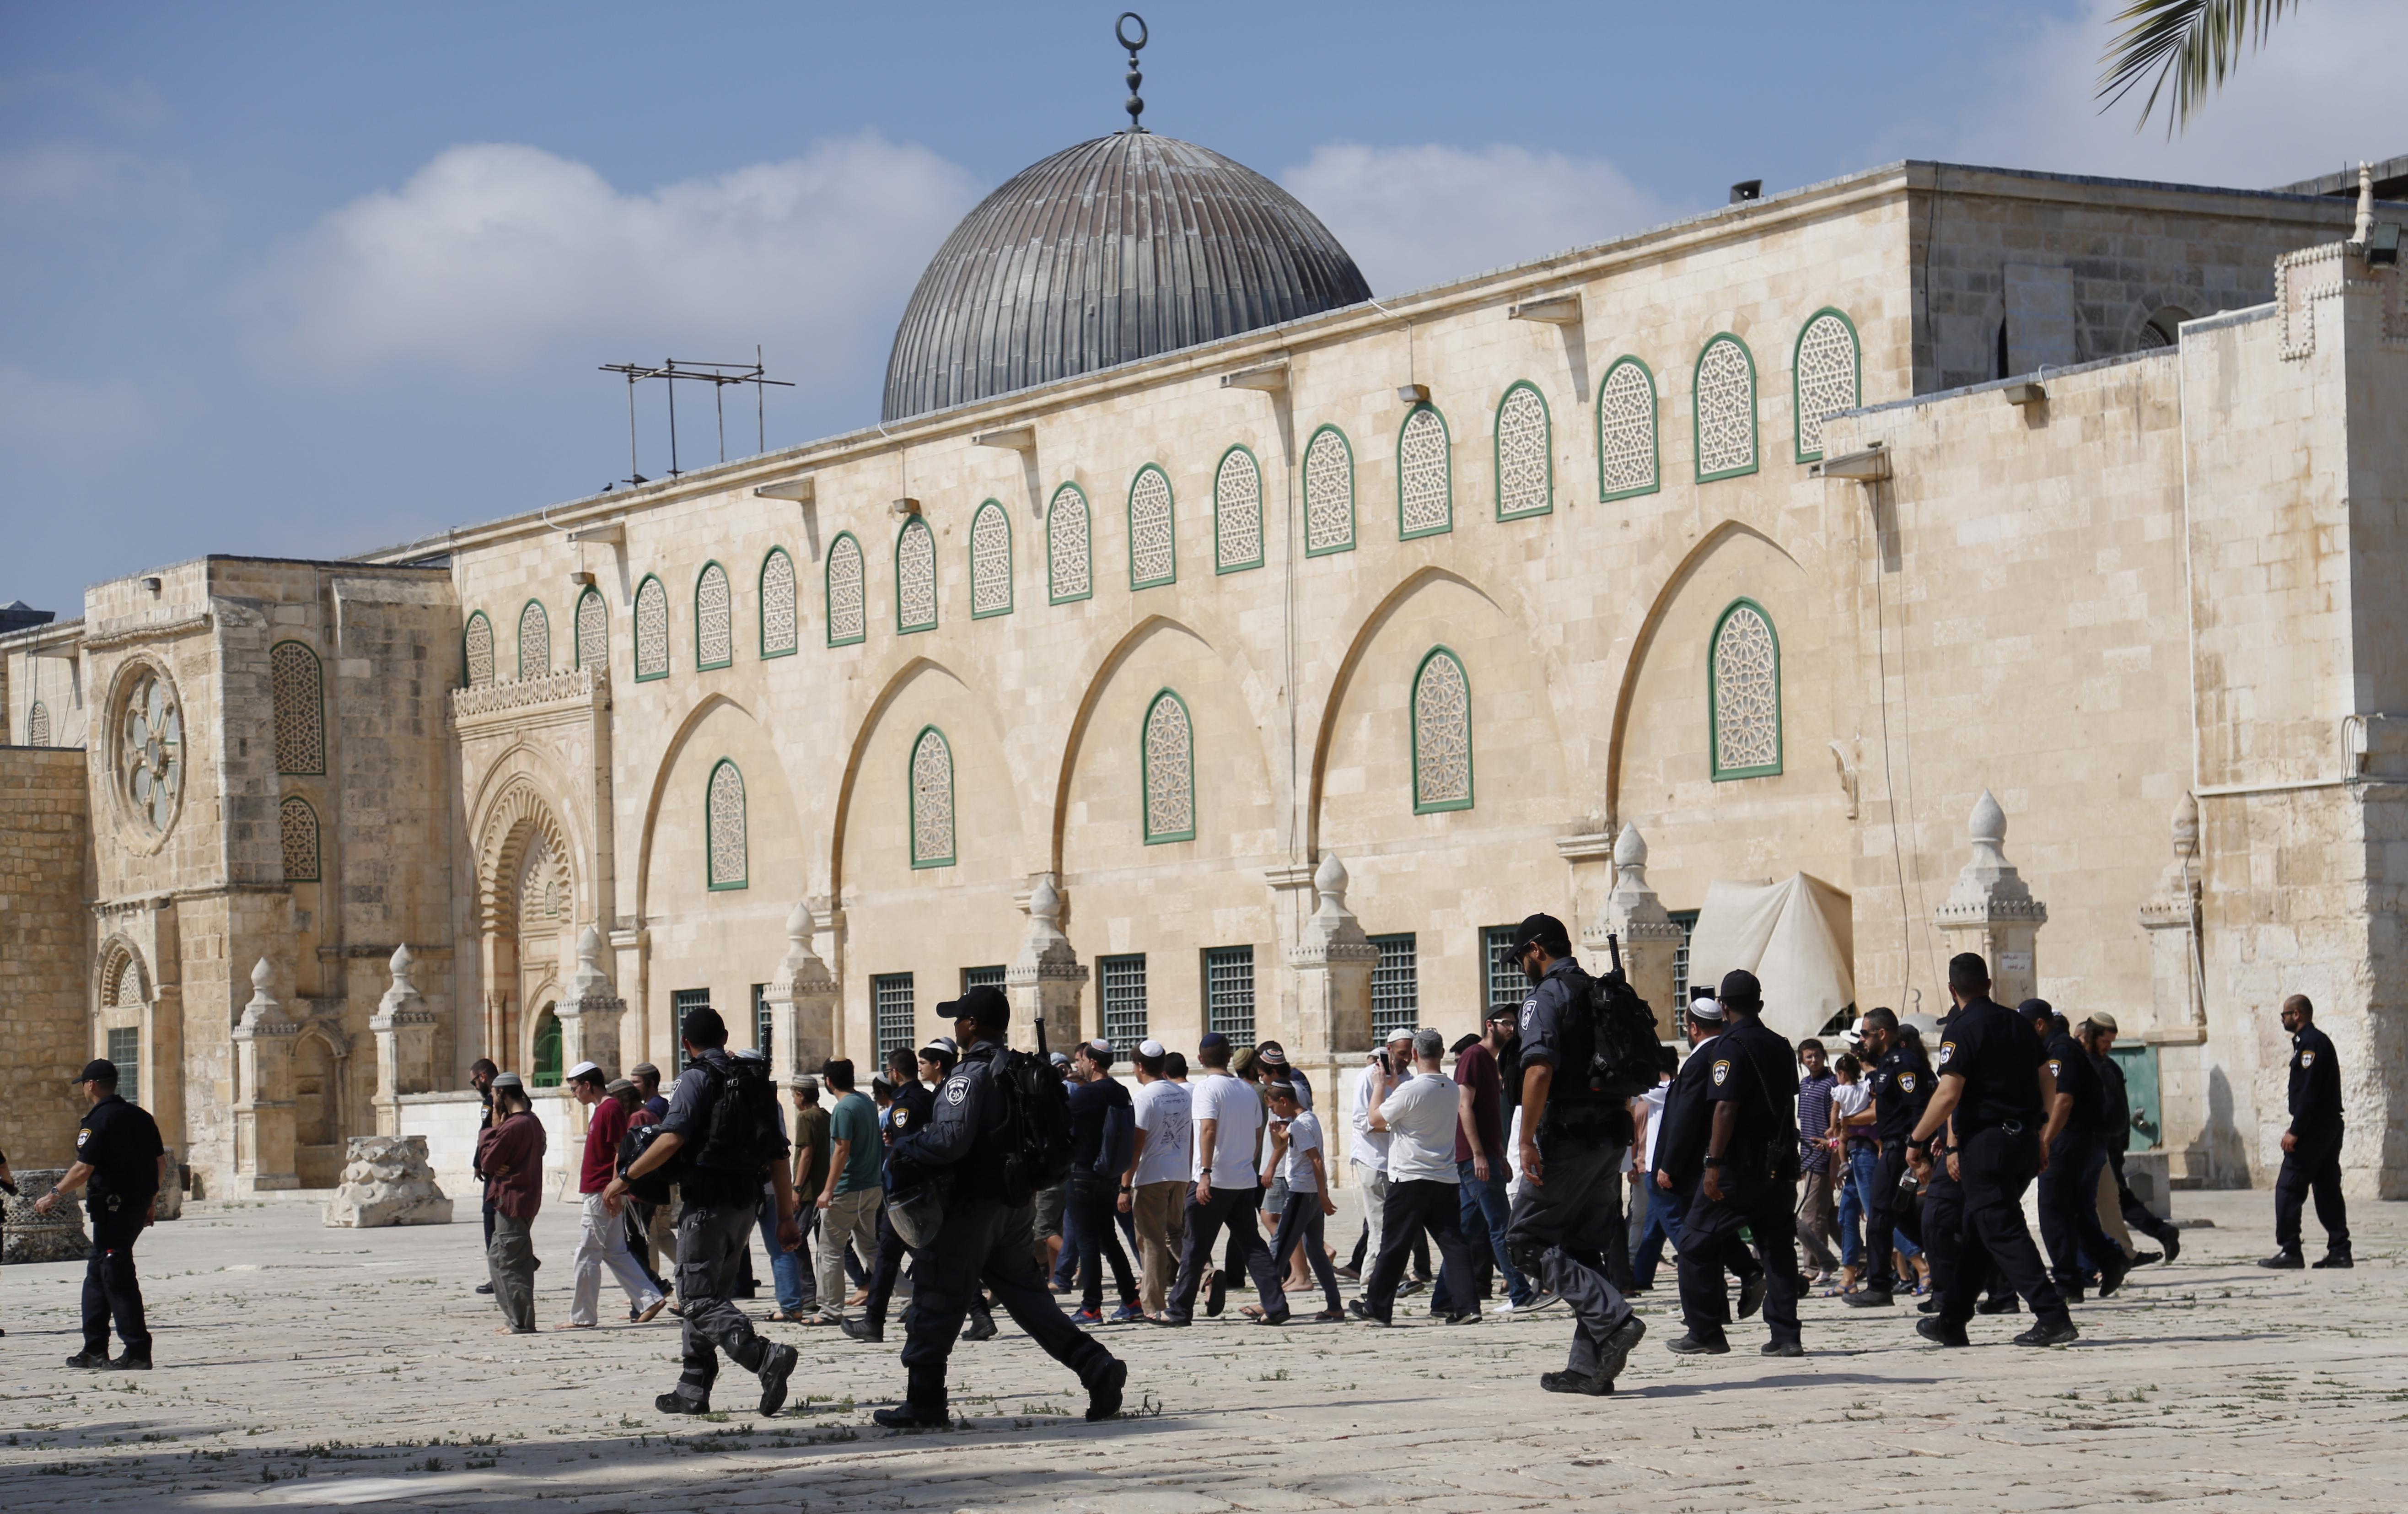 Picture of al aqsa mosque